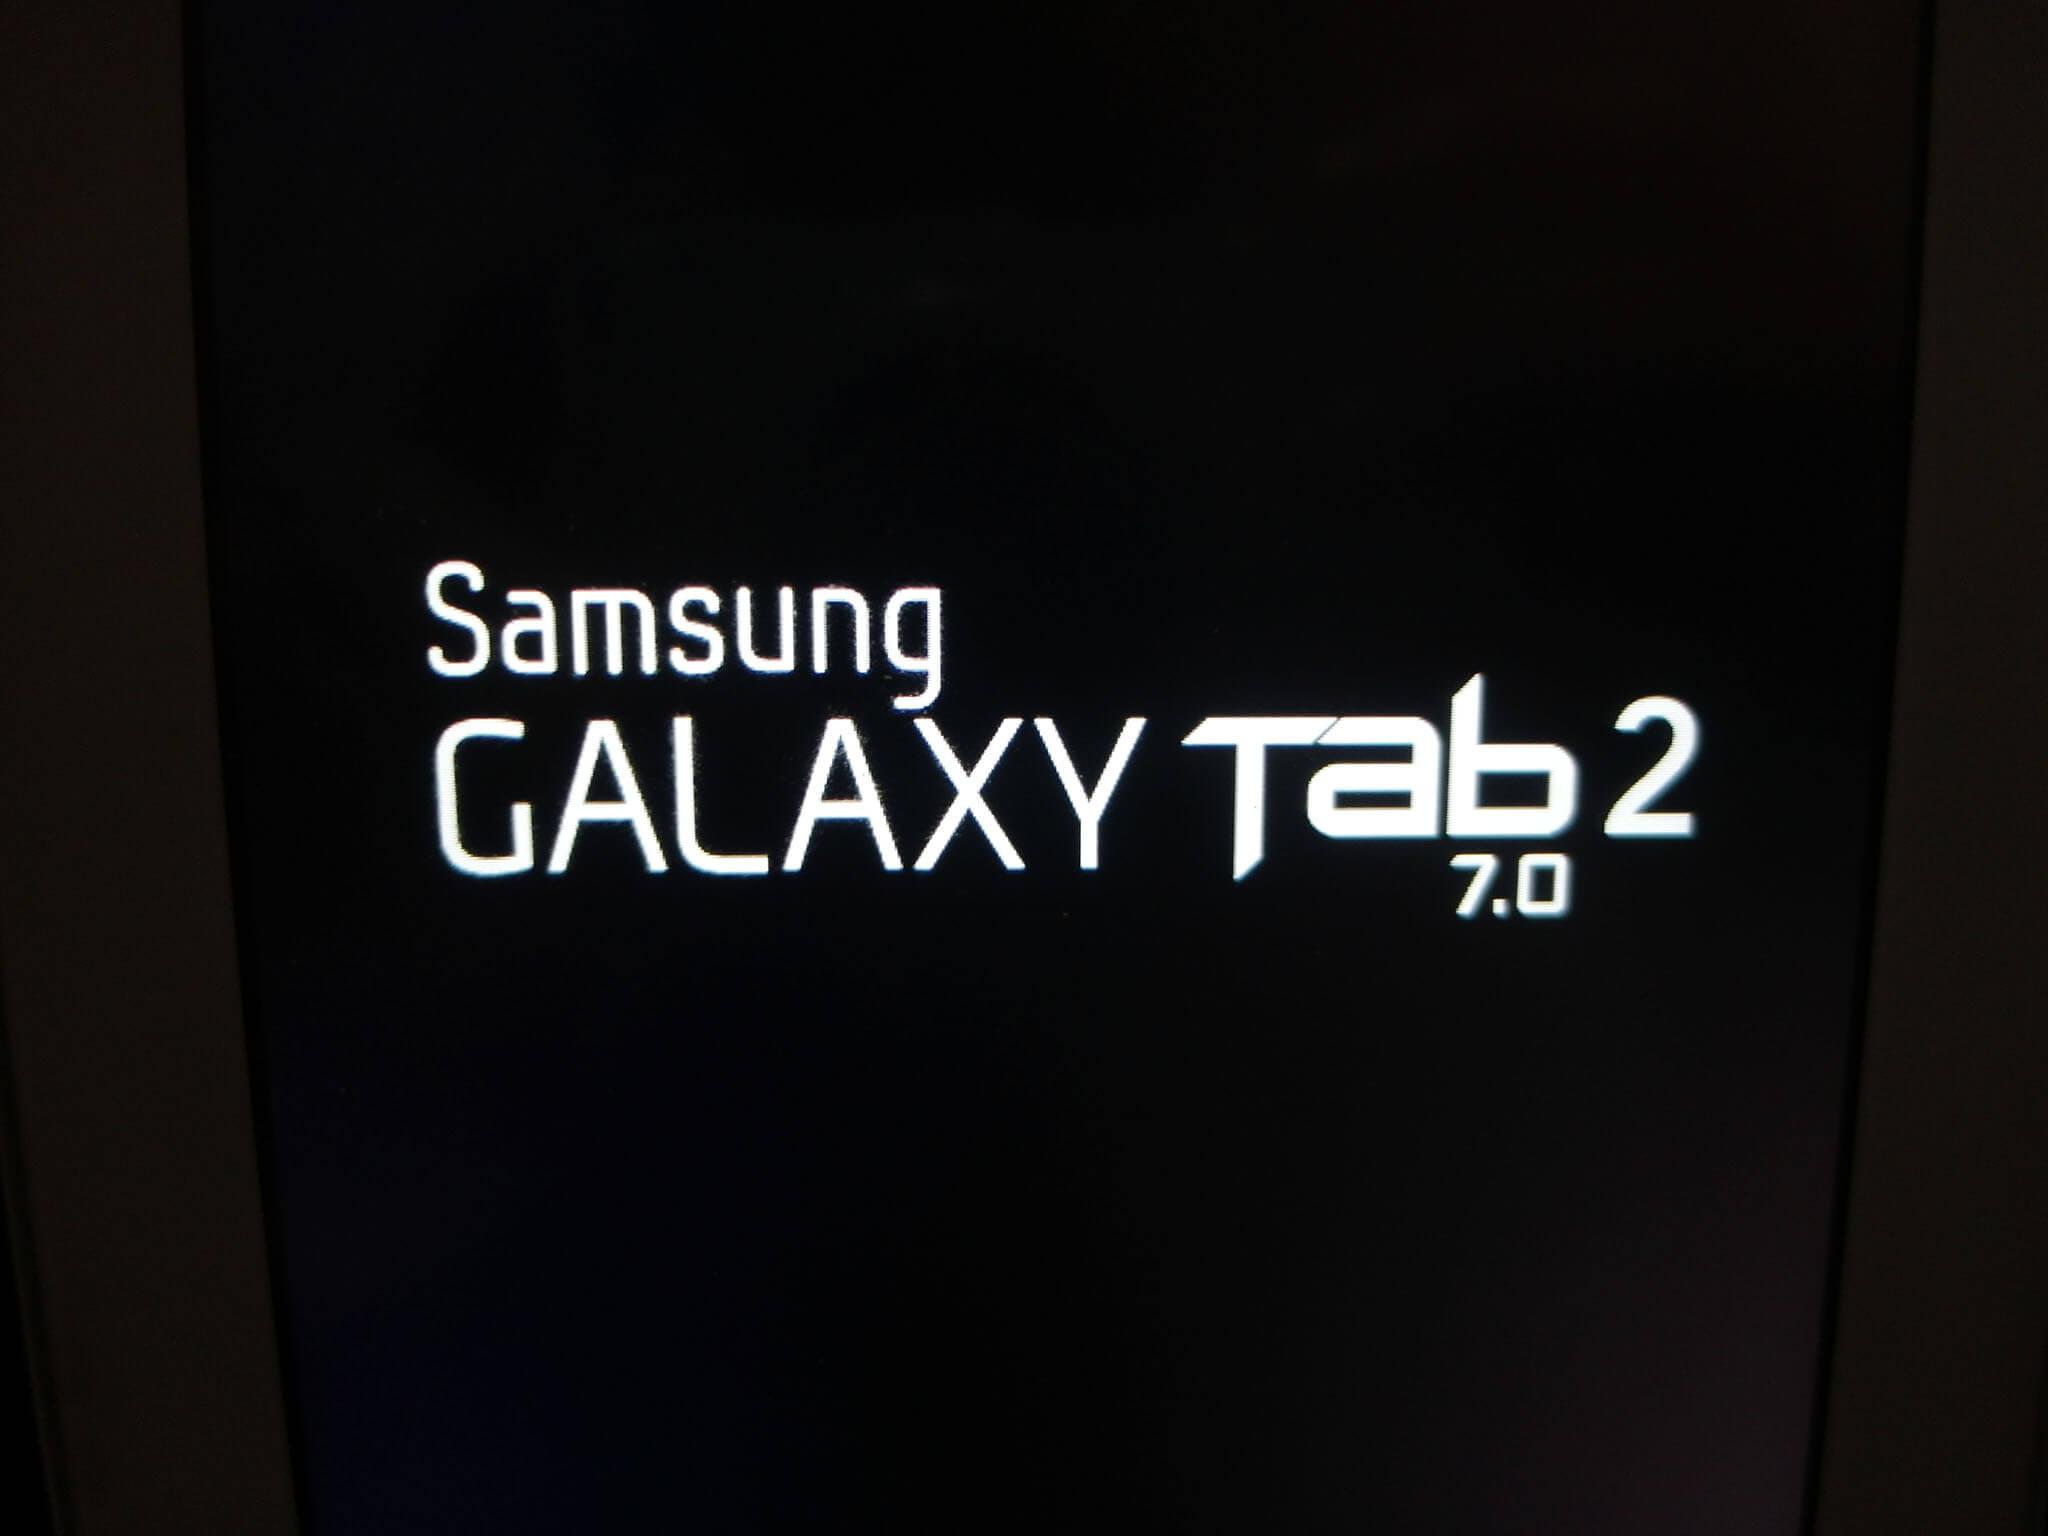 Popular Wallpaper Logo Samsung Galaxy - logo-samsung-galaxy-tab-2-7GT-P3110  Trends_591950.jpg